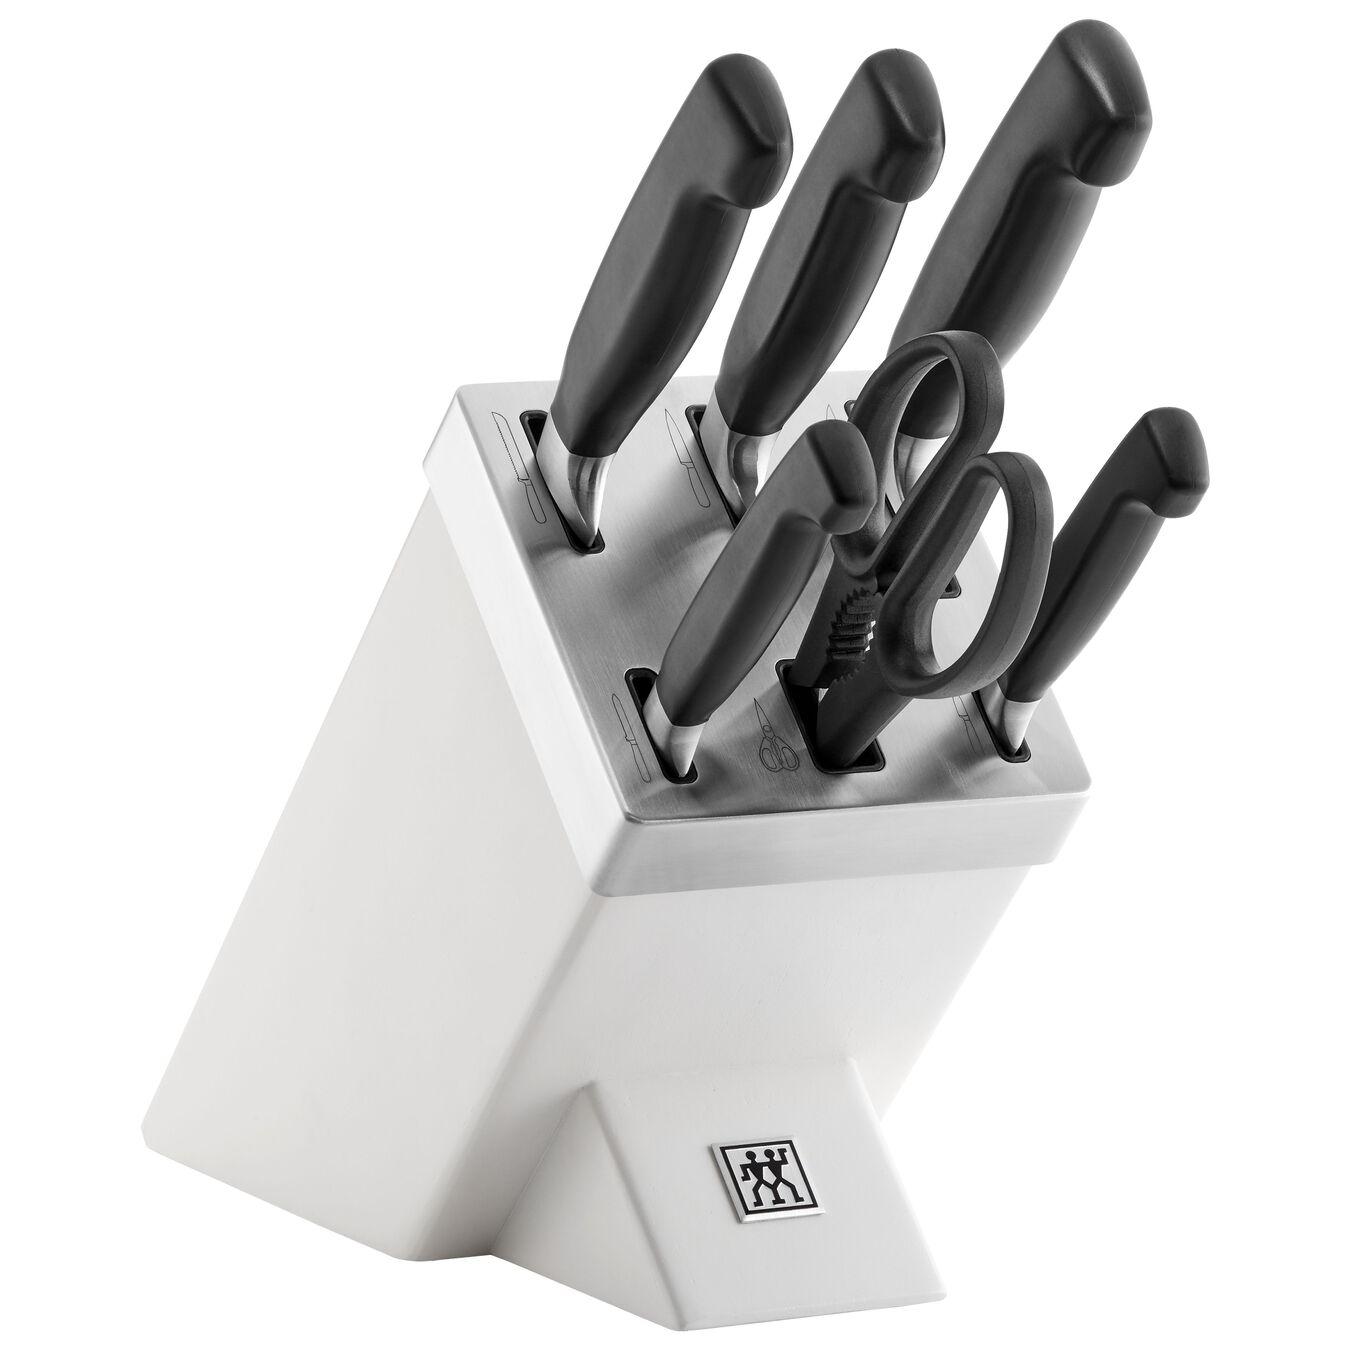 Bloc de couteaux avec technologie KiS 7-pcs,,large 1